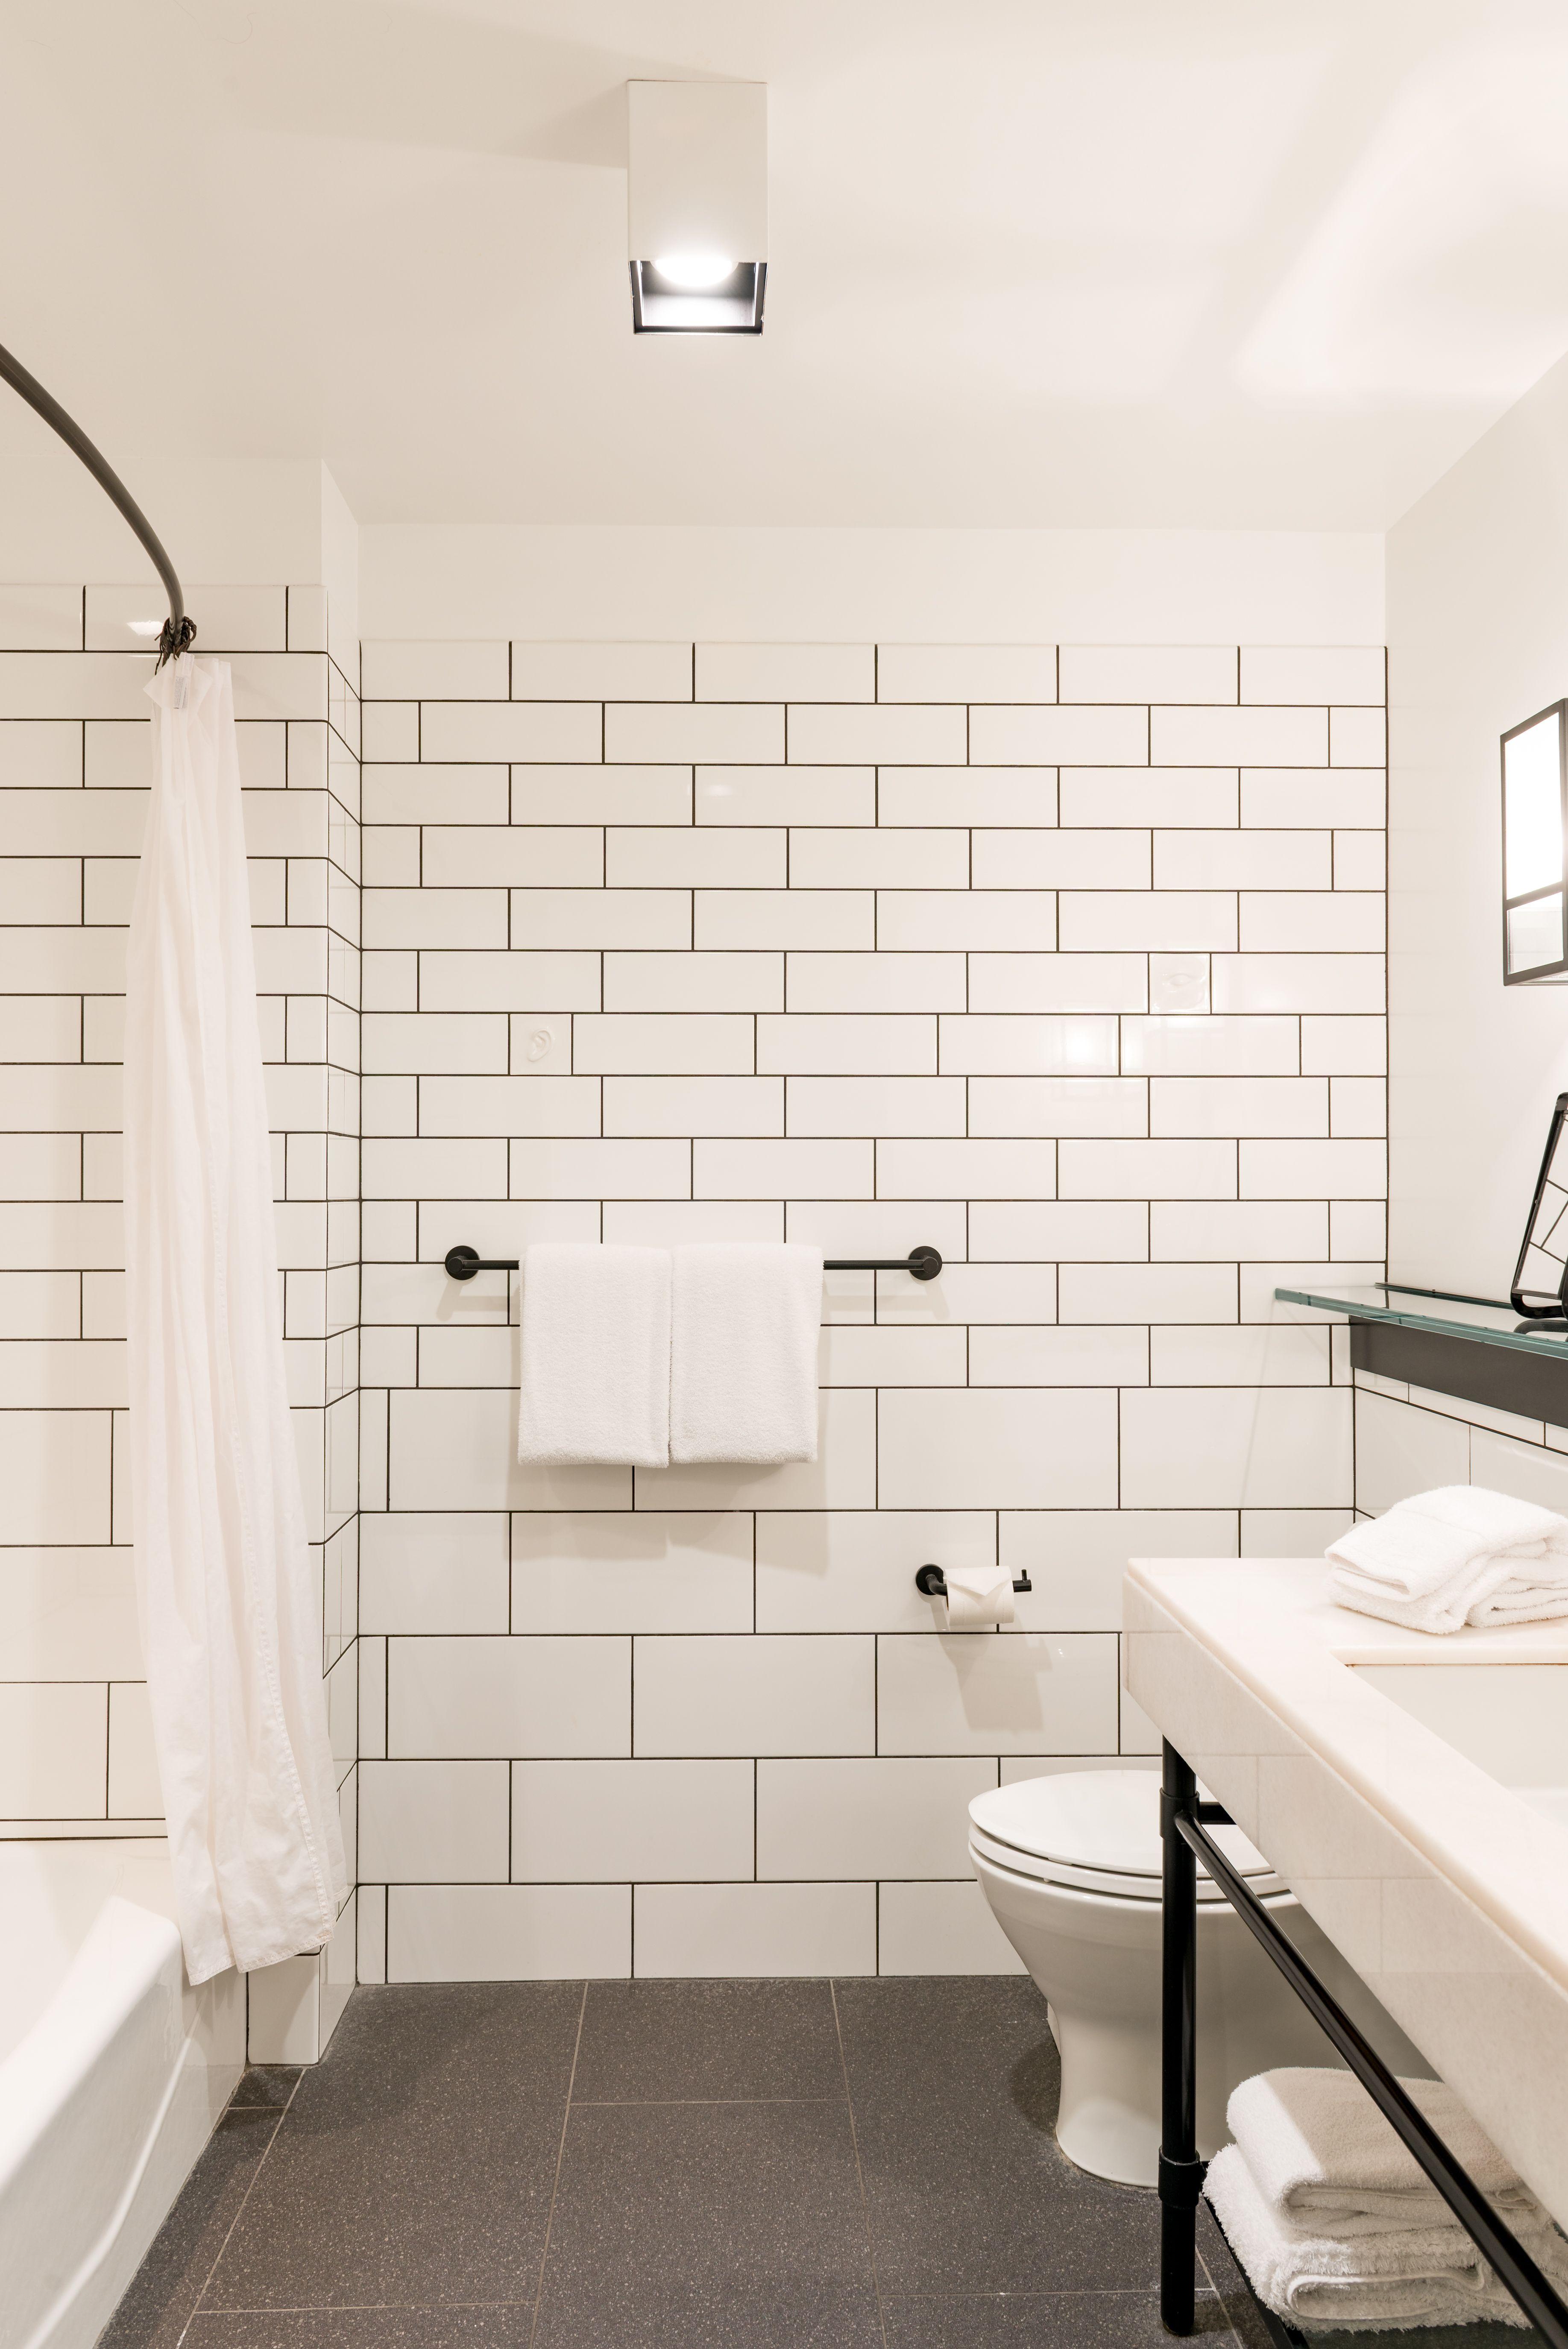 Rookwood Tile, Bathroom Tile Cincinnati